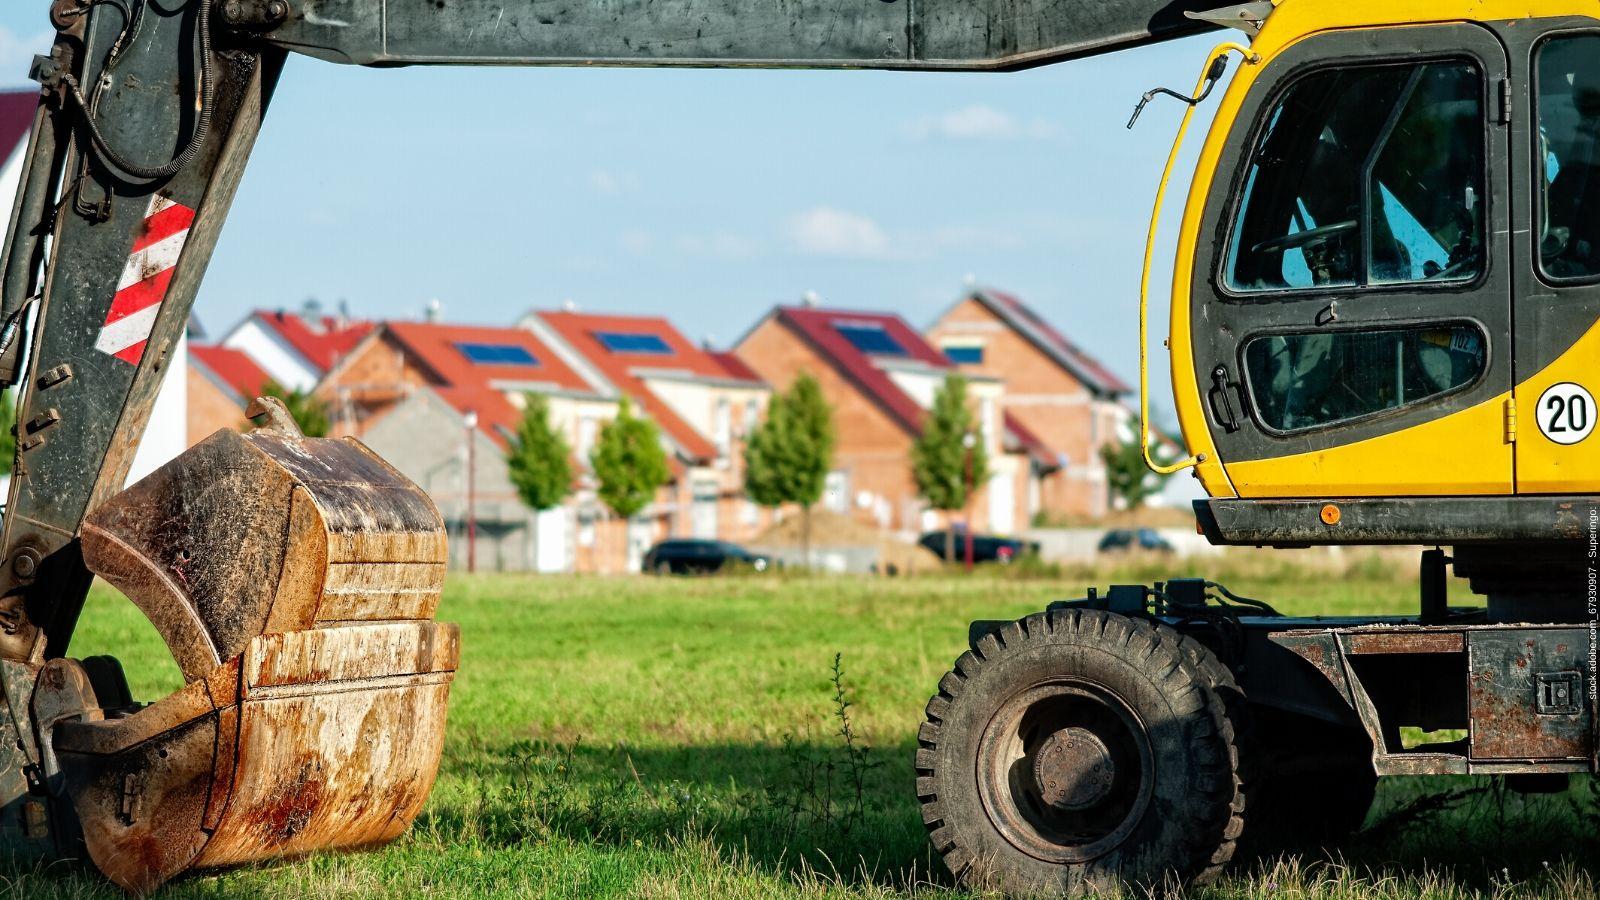 Kommune - Entdecken Sie wie Sie als Kommune mit Holzmann Erschließung vorhandene Grundstücke besser ausschreiben können.